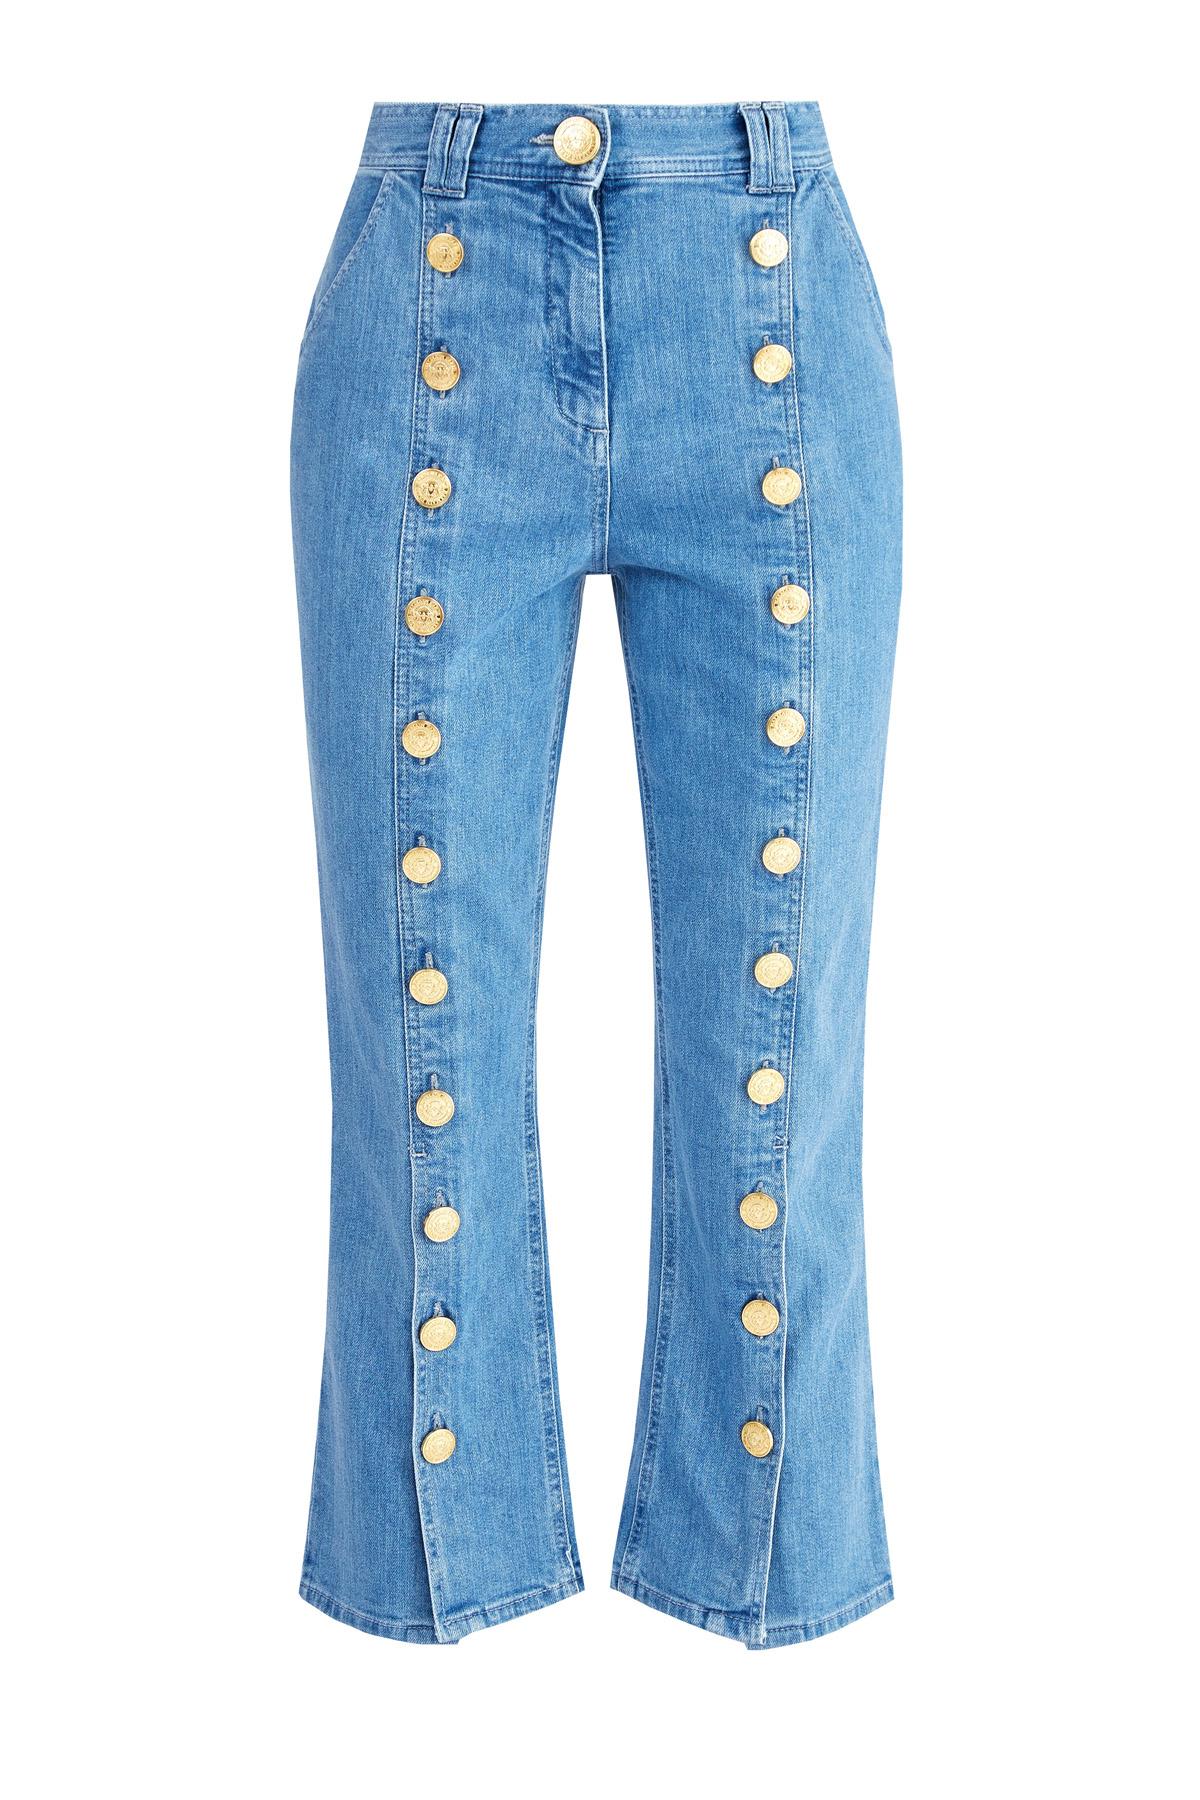 Расклешенные джинсы длины ⅞ с отделкой фирменными пуговицами